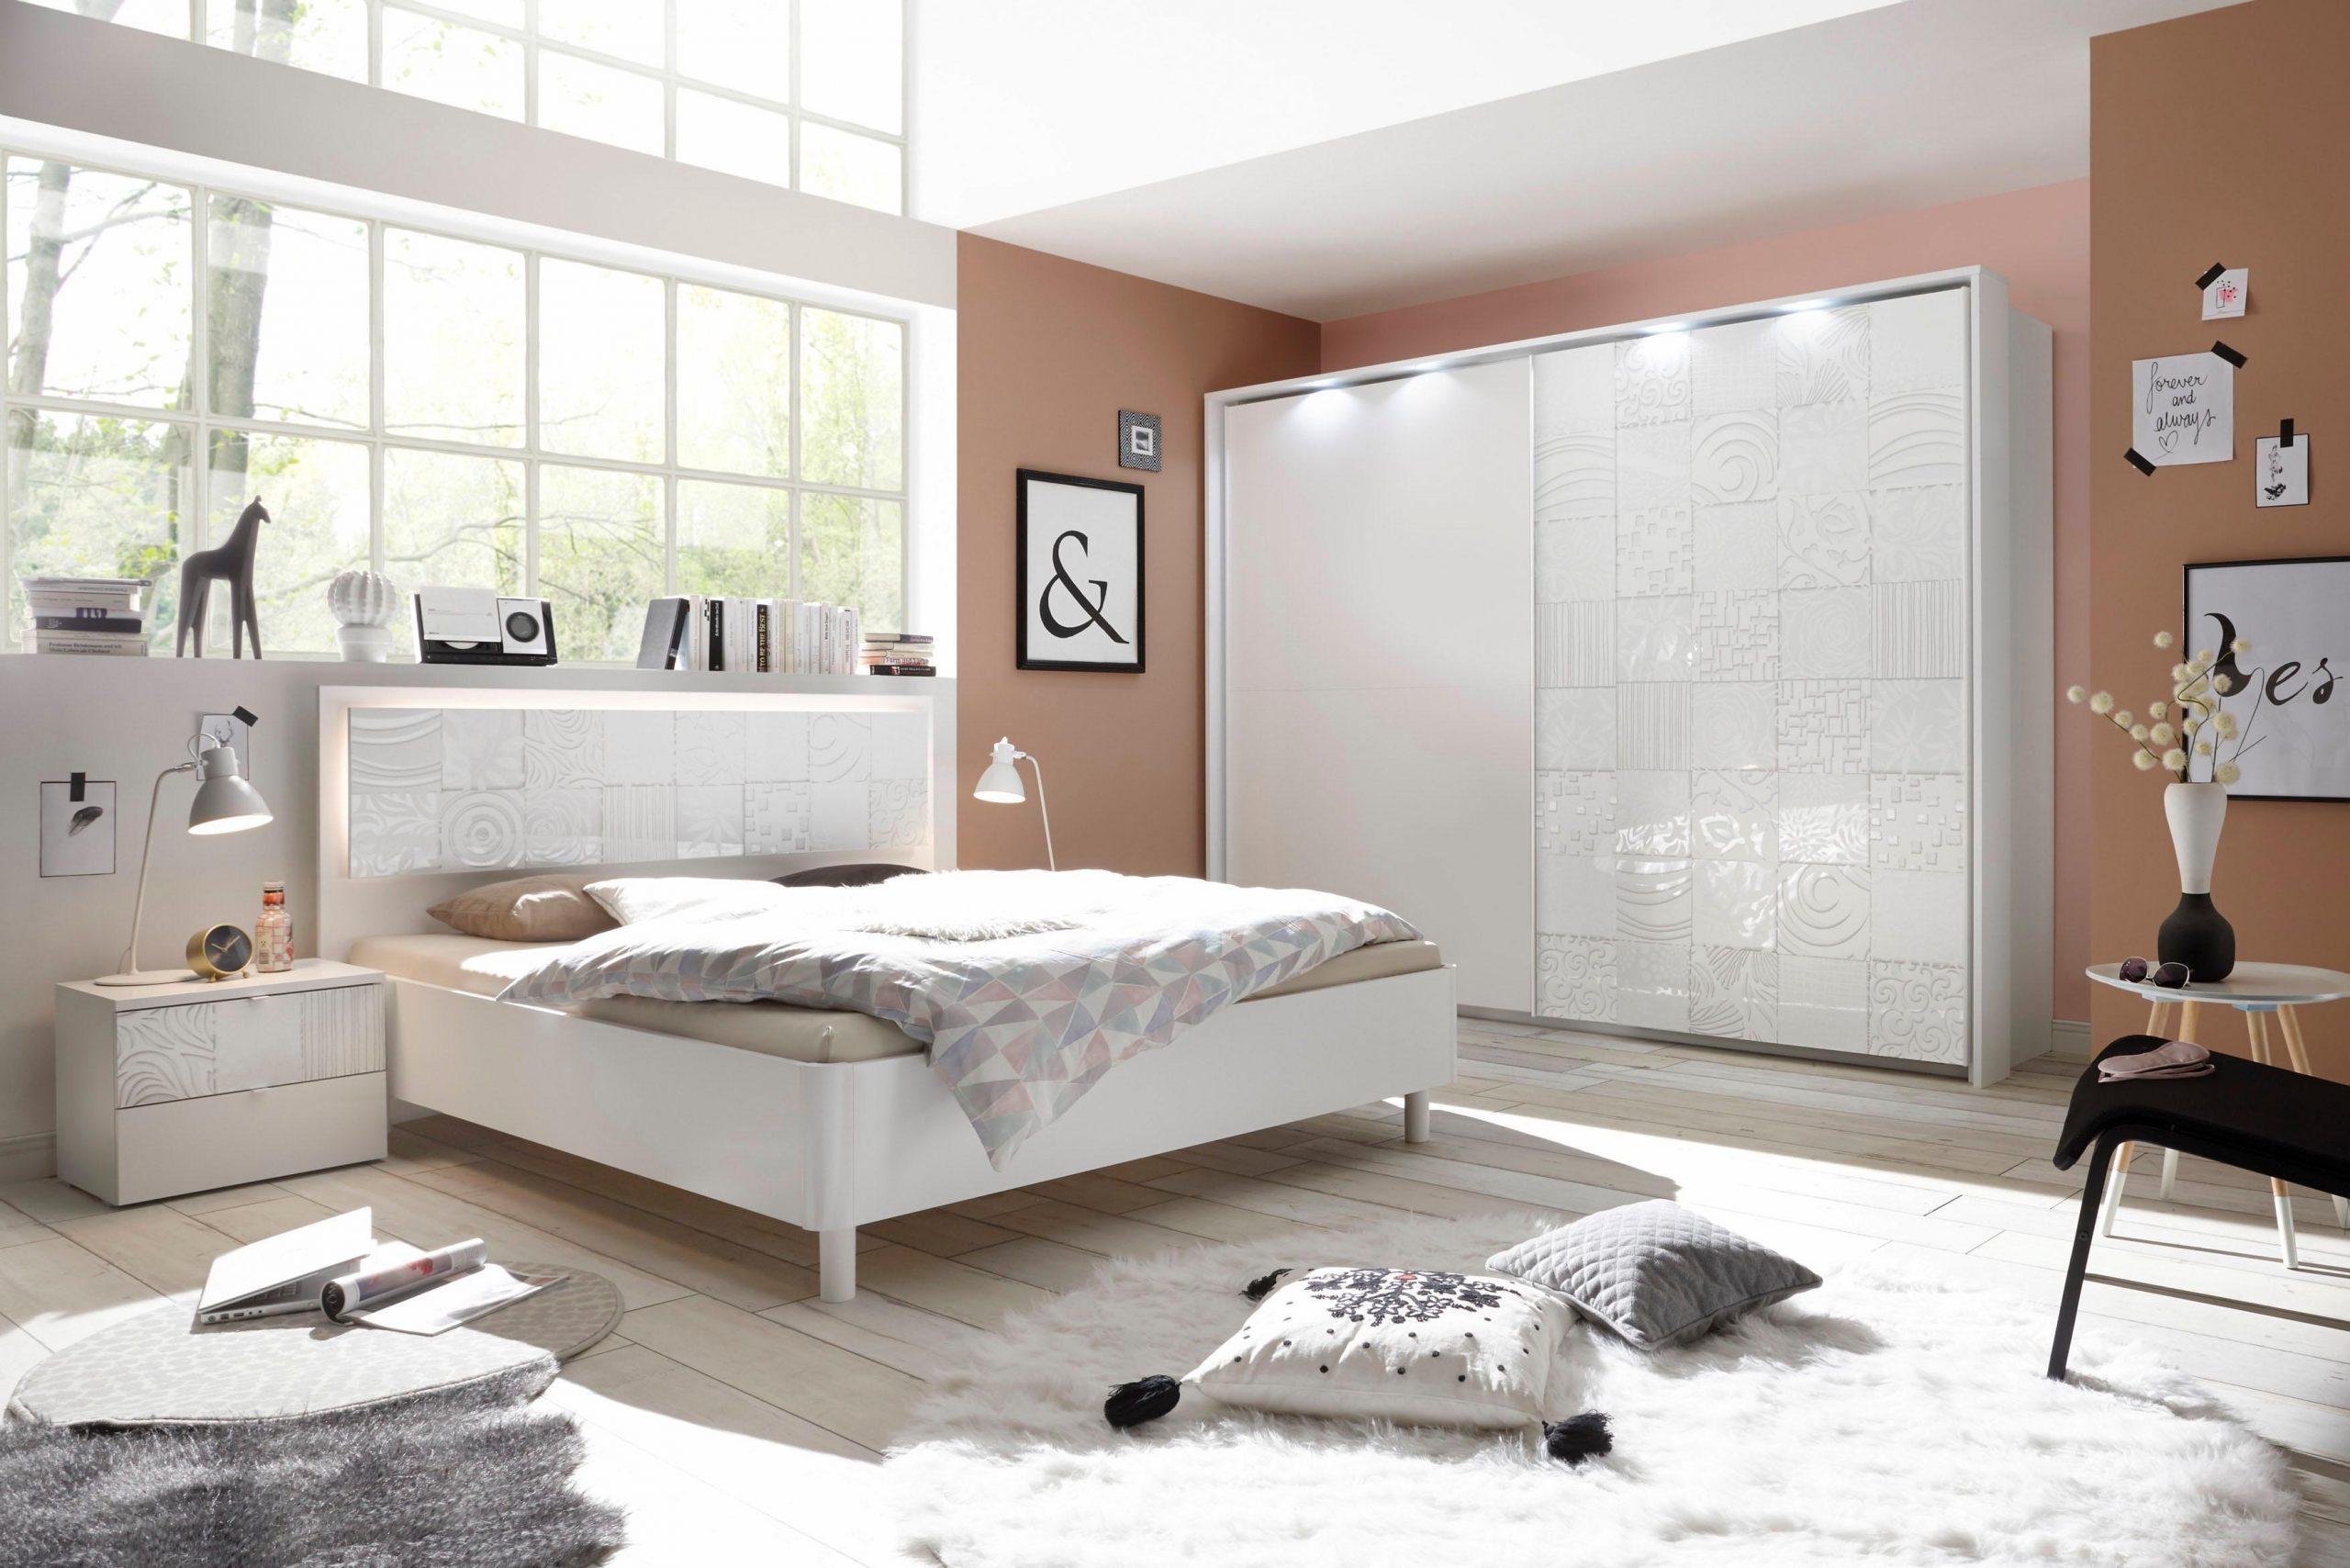 Full Size of Schlafzimmer Set Lc Miro Bad Komplettset Teppich Lampe Kommode Romantische Lampen Vorhänge Esstisch Günstig Mit Matratze Und Lattenrost Wandtattoo Schlafzimmer Schlafzimmer Set